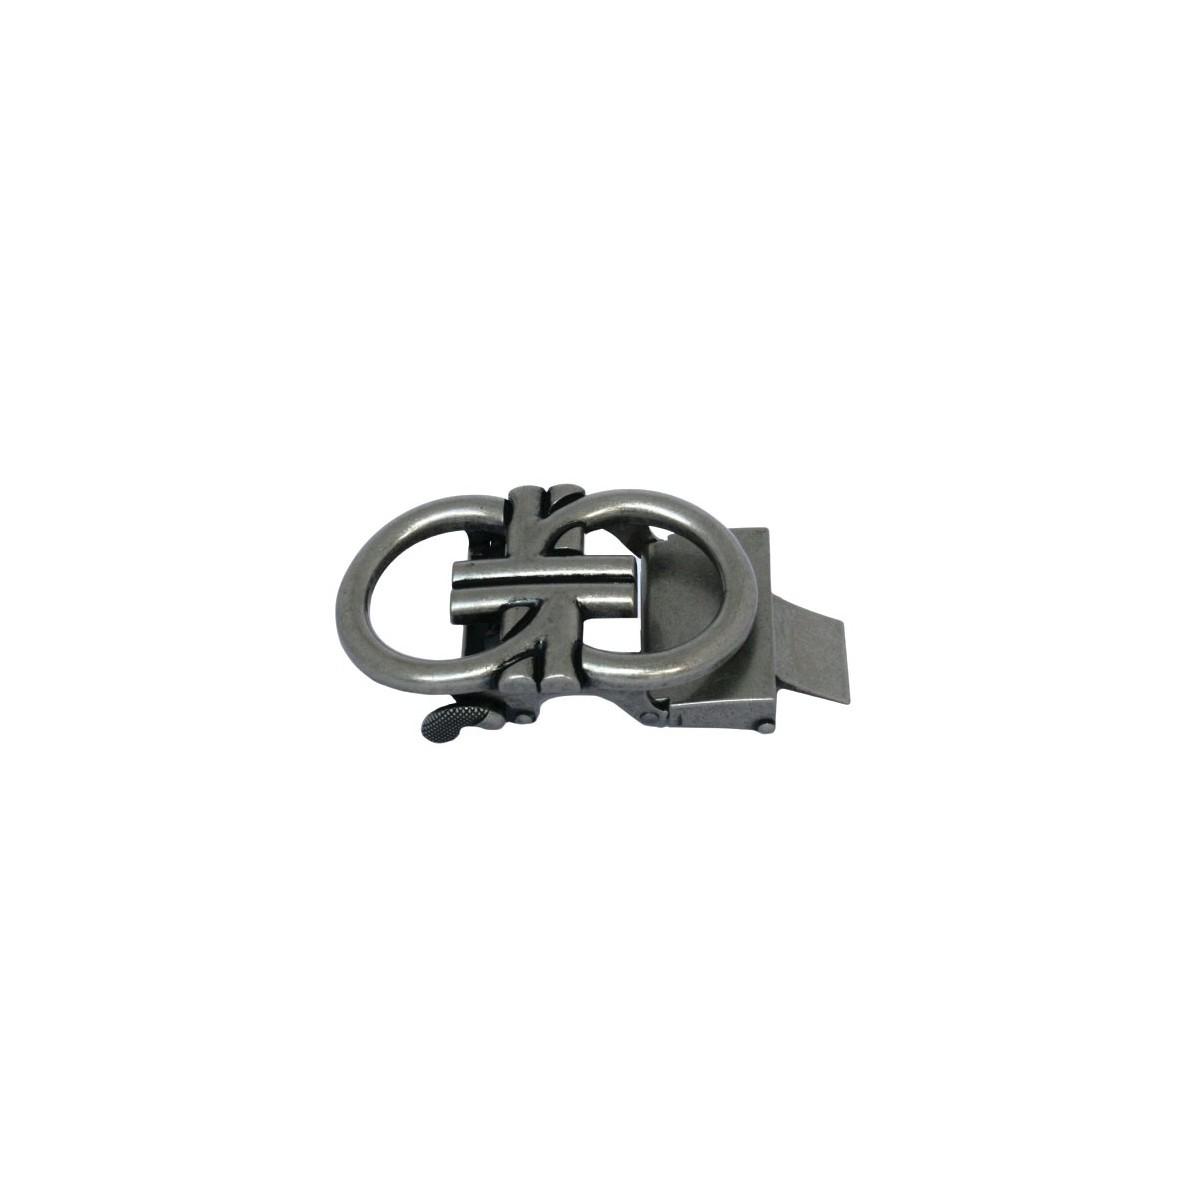 Boucle de ceinture homme 2 G entrelacés ceinturon cadre acier